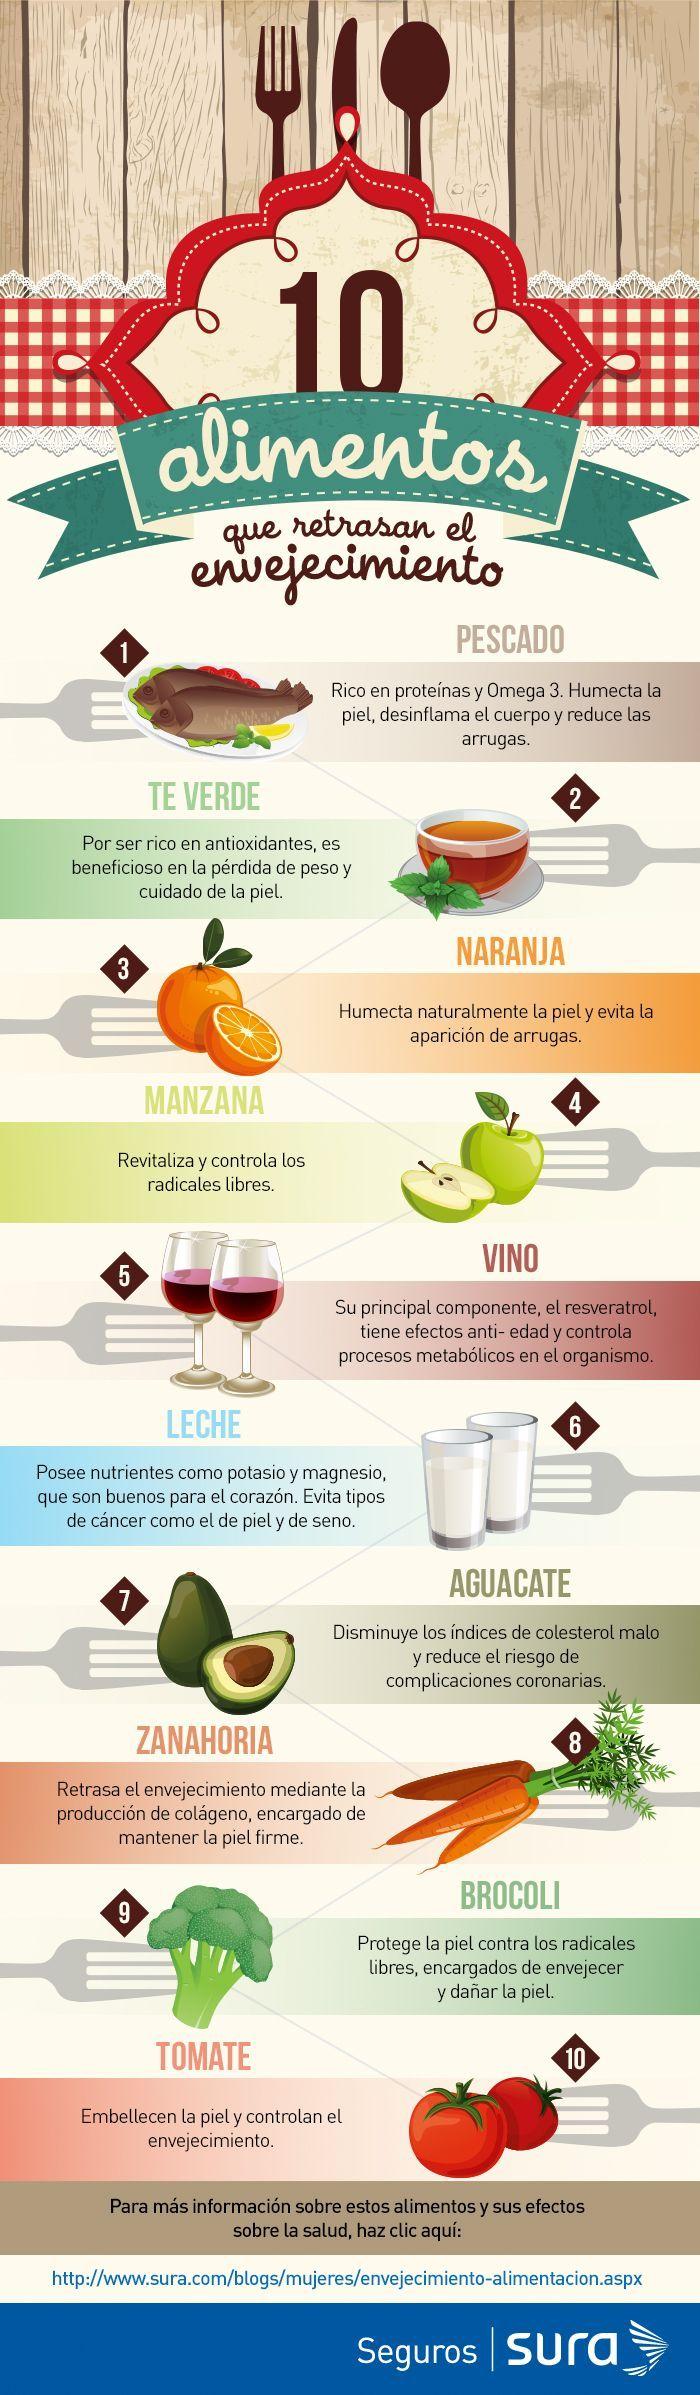 alimentos para retrasar el envejecimiento